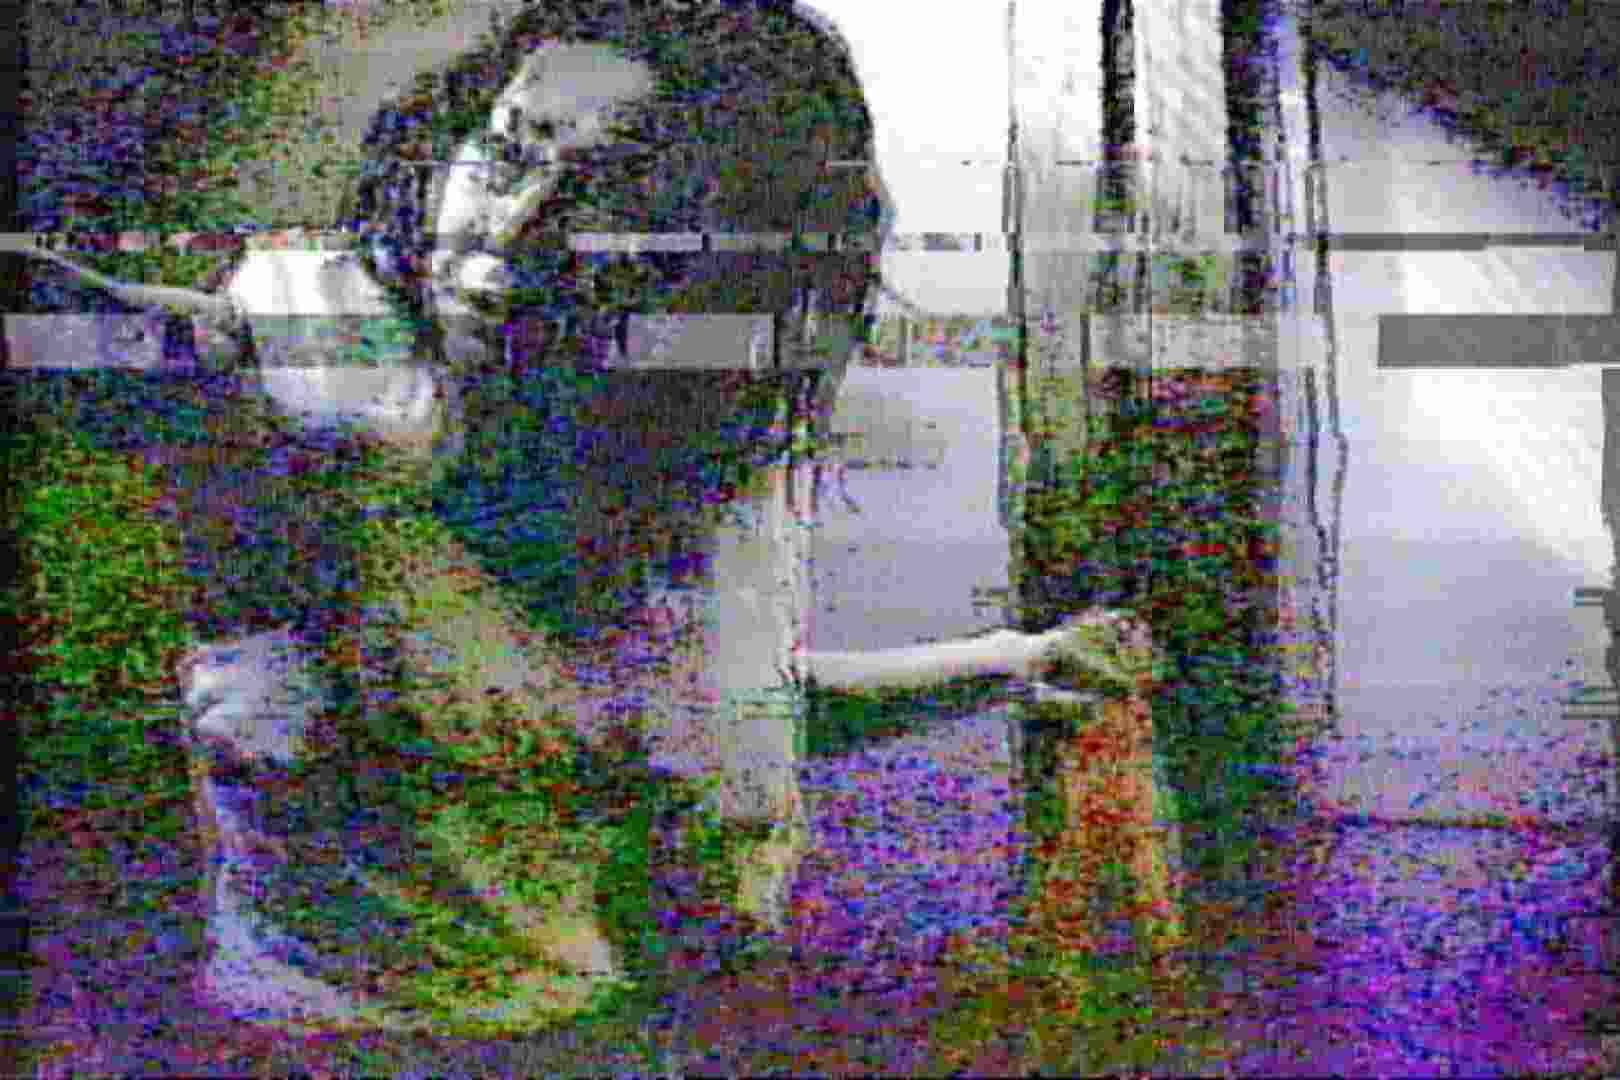 海の家の更衣室 Vol.17 高画質動画  100画像 24